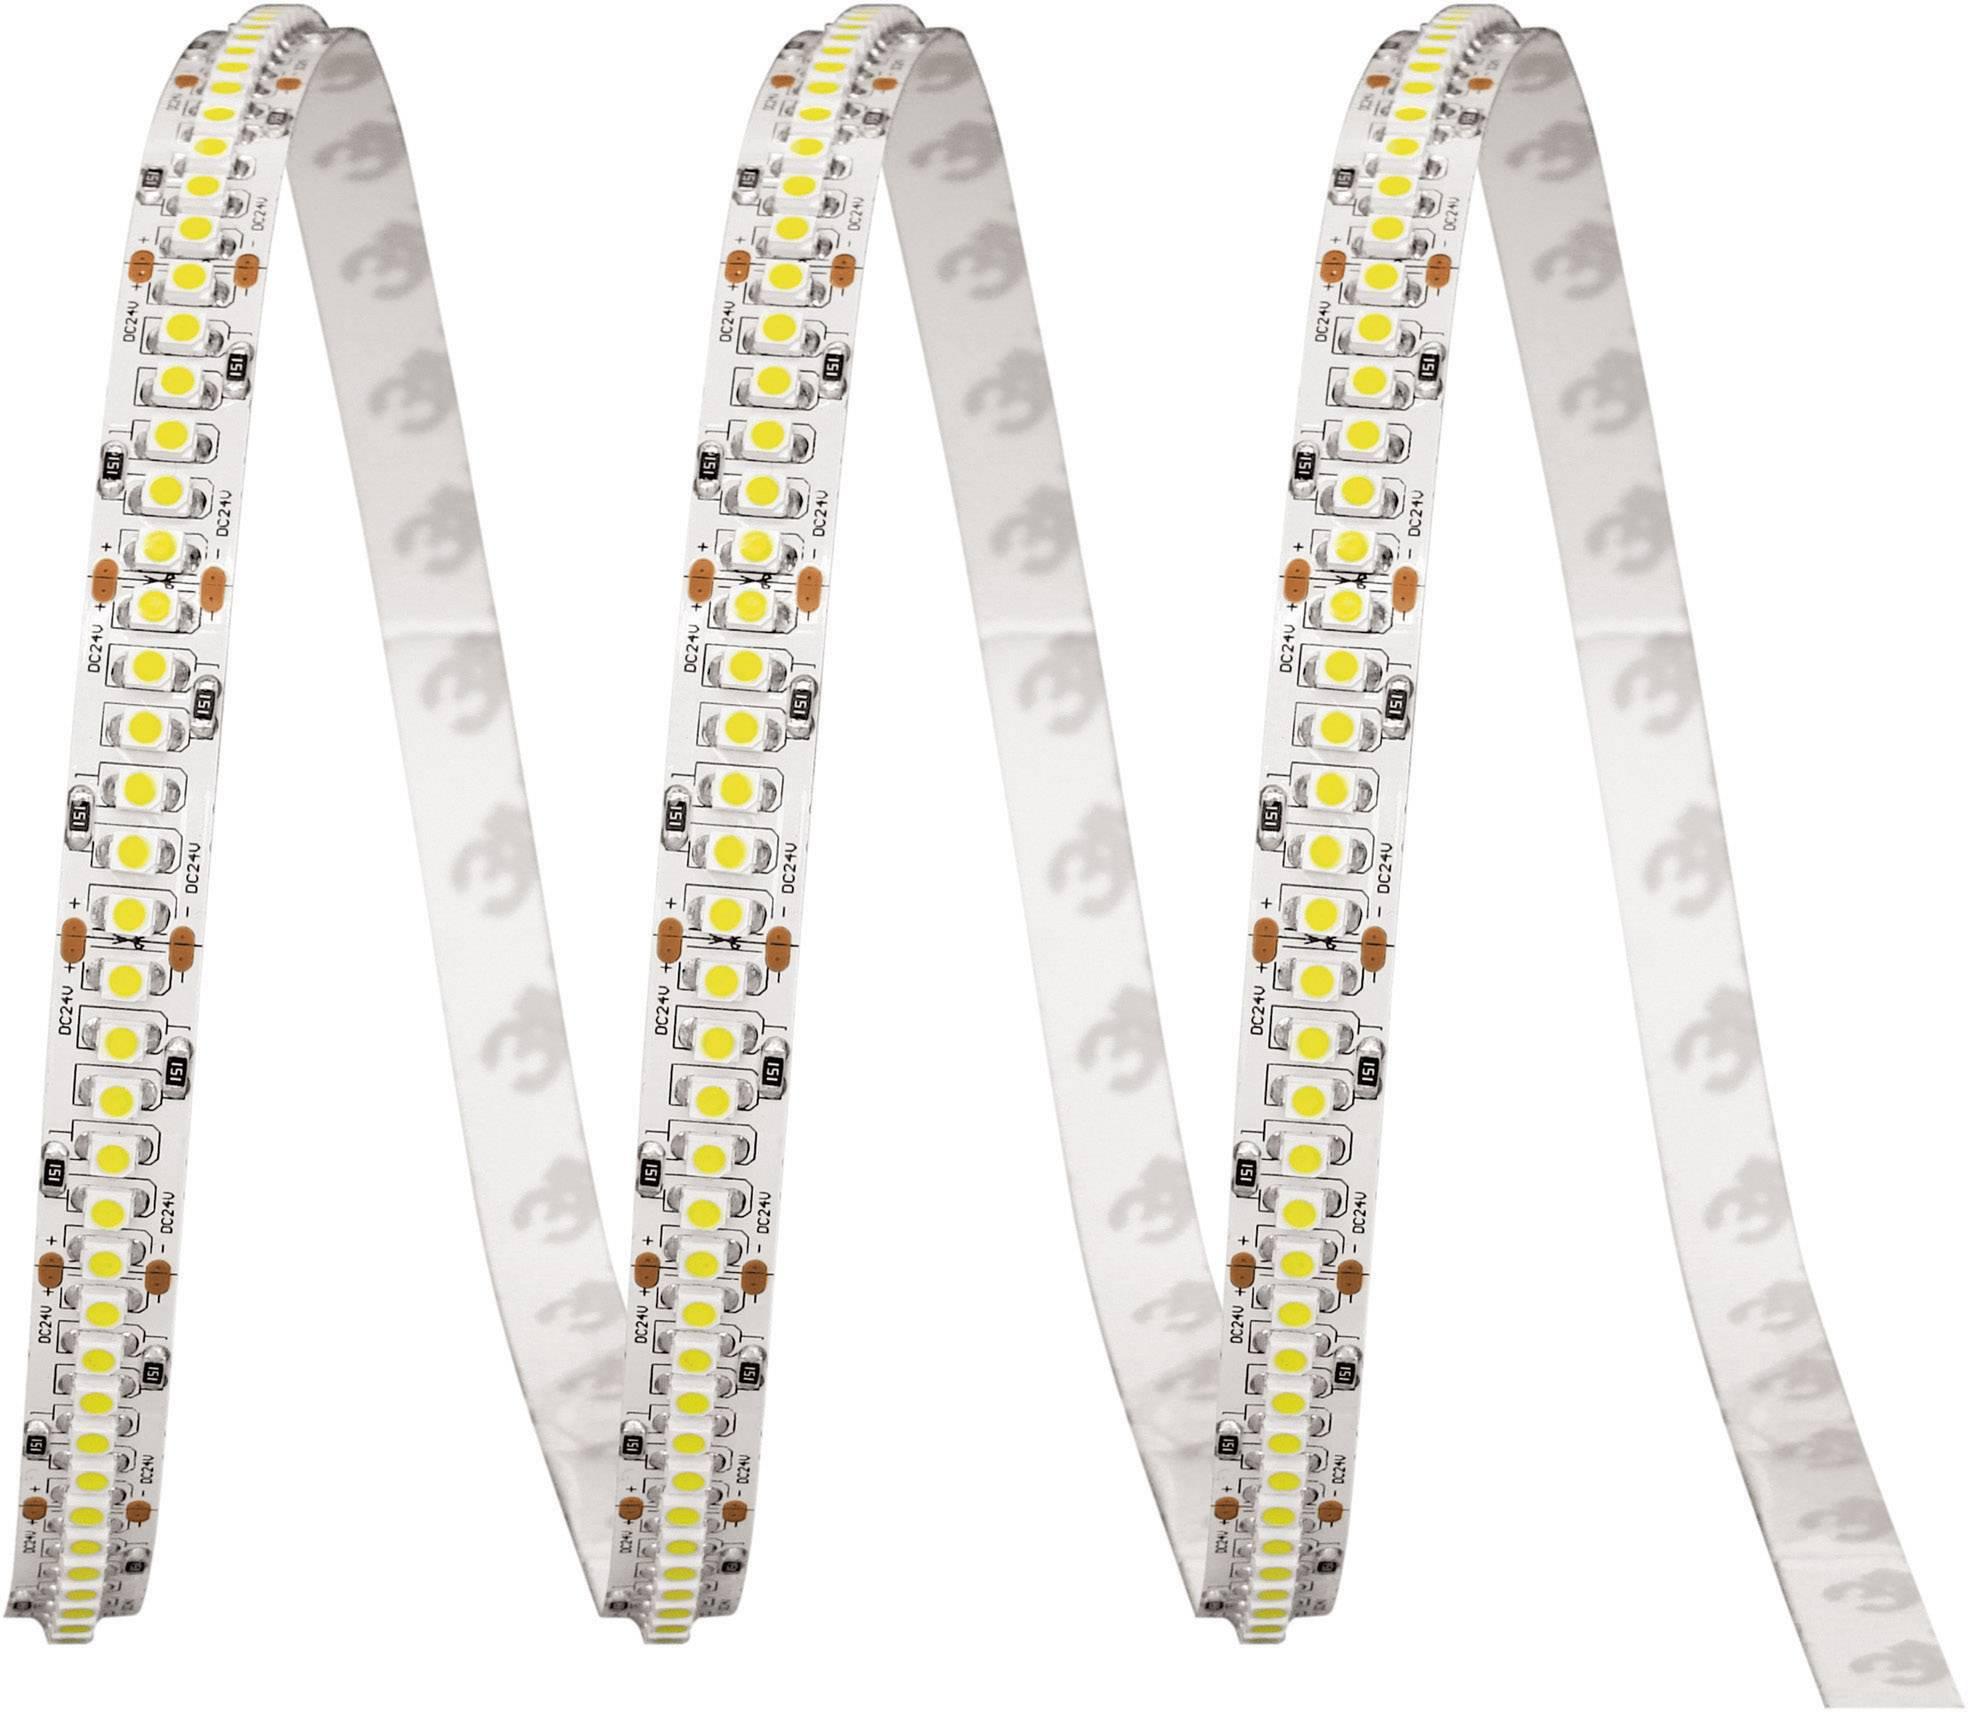 LED pás ohebný samolepicí 24VDC ledxon High Power Multi SMD Band, 9009060, 25 mm, červená